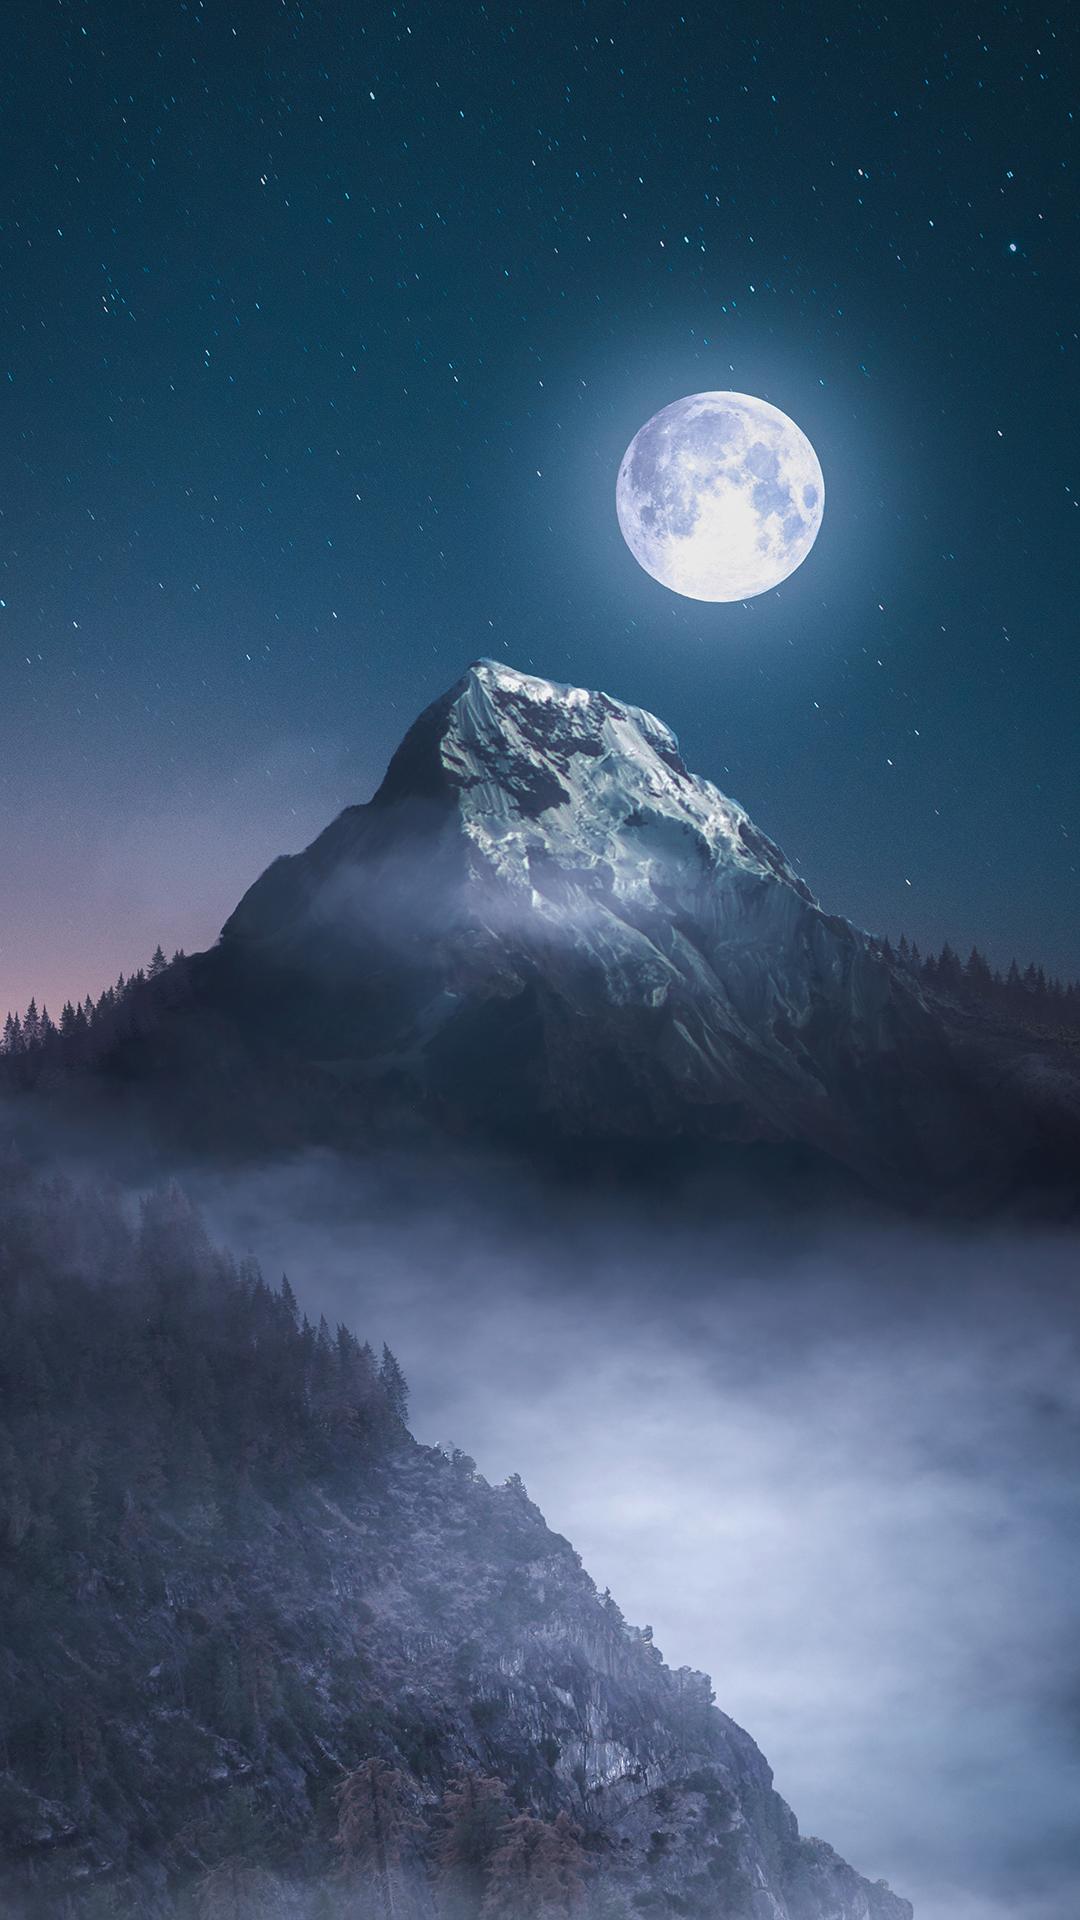 月光 月圆 夜晚 星空 山峰 苹果手机高清壁纸 1080x